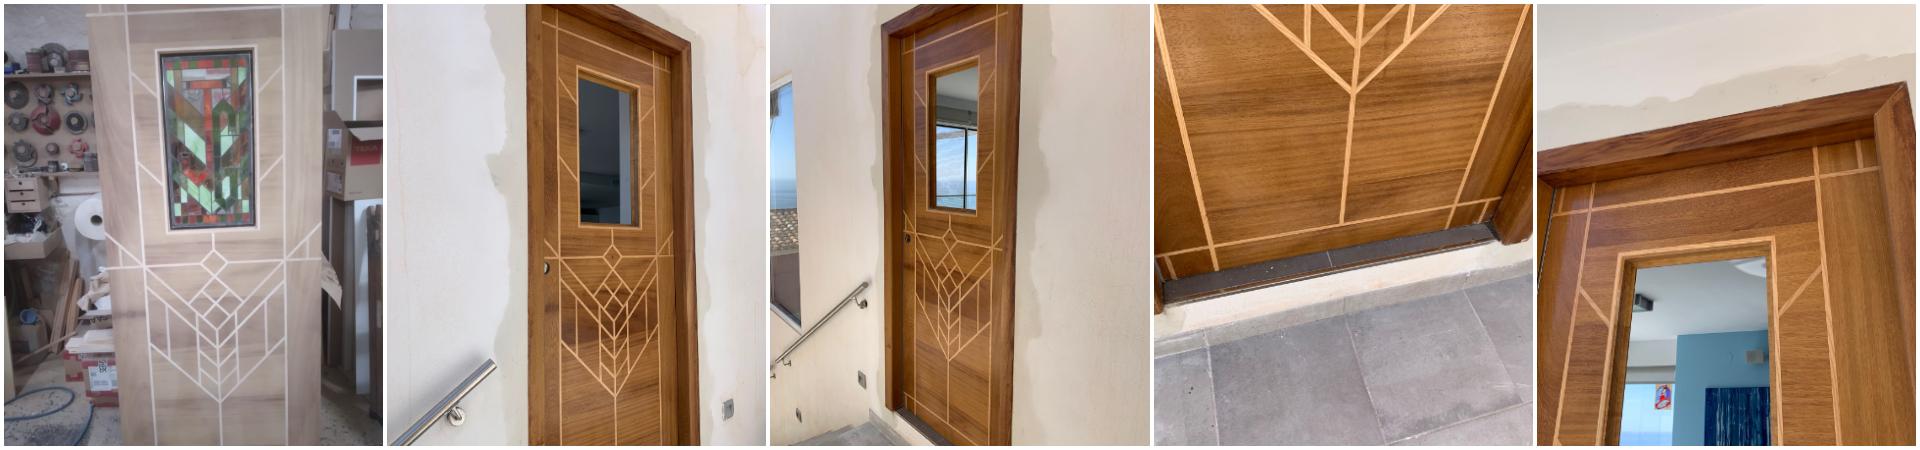 carpinteria martin hernandez en salobreña, carpinteria de madera en salobreña, carpinteros salobreña